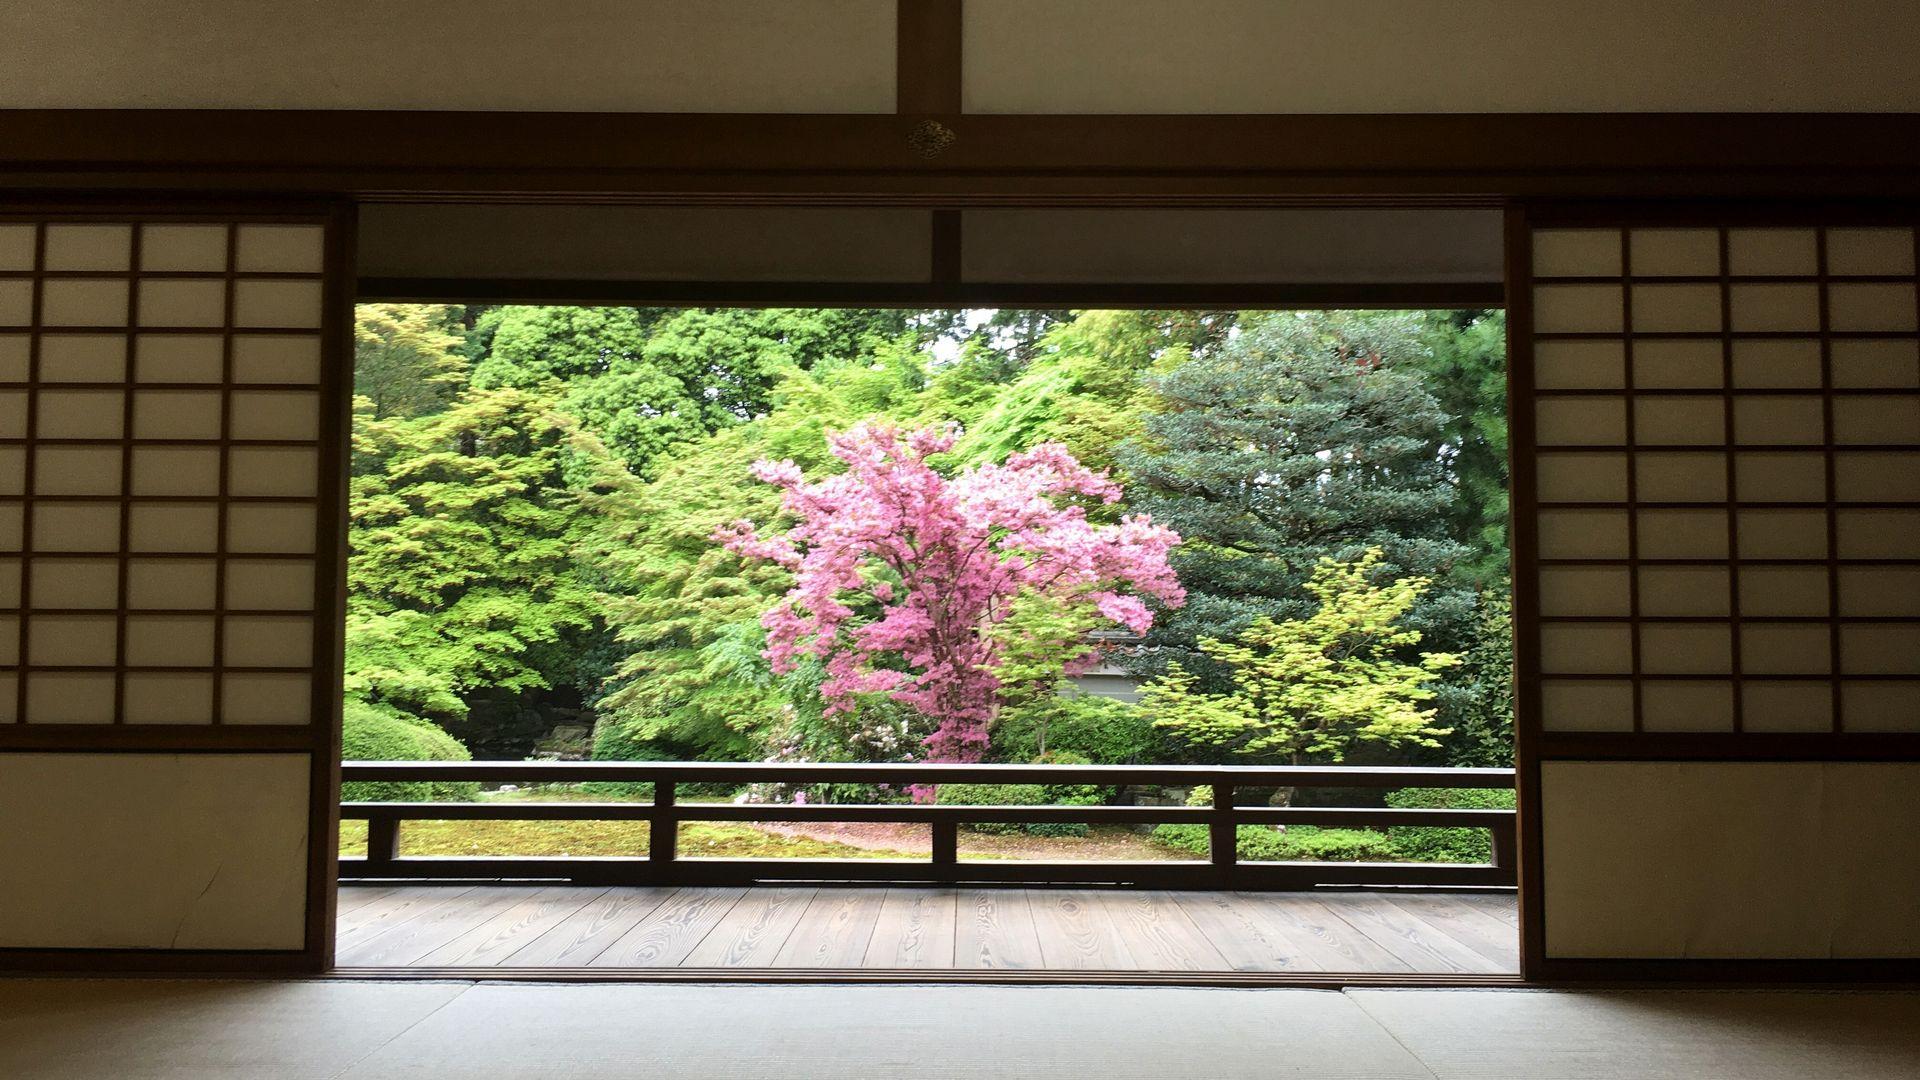 表書院の能の間から眺める庭園